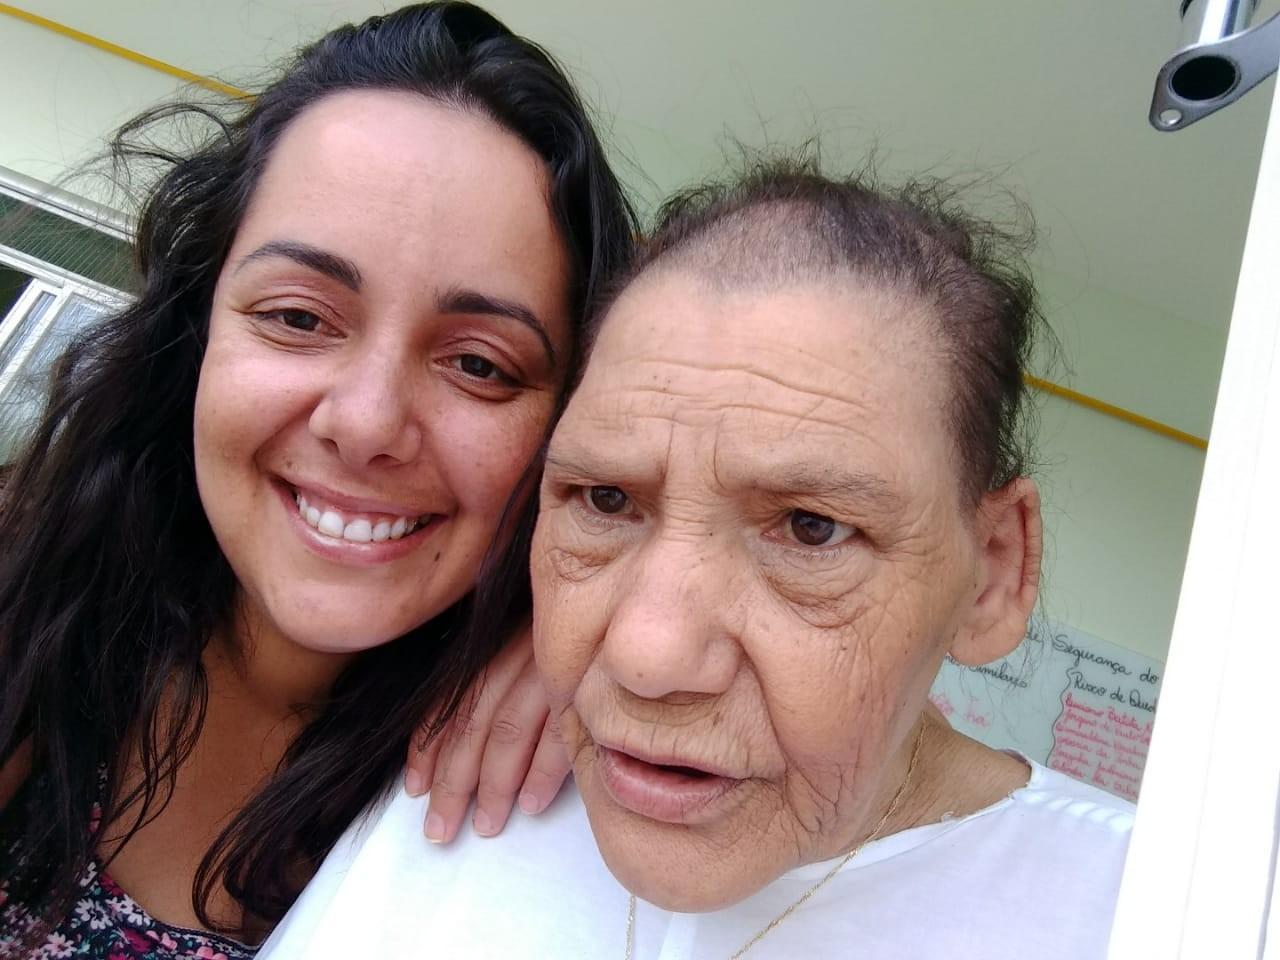 Técnica de enfermagem de hospital em MG adota senhora com câncer abandonada pela filha  - Notícias - Plantão Diário